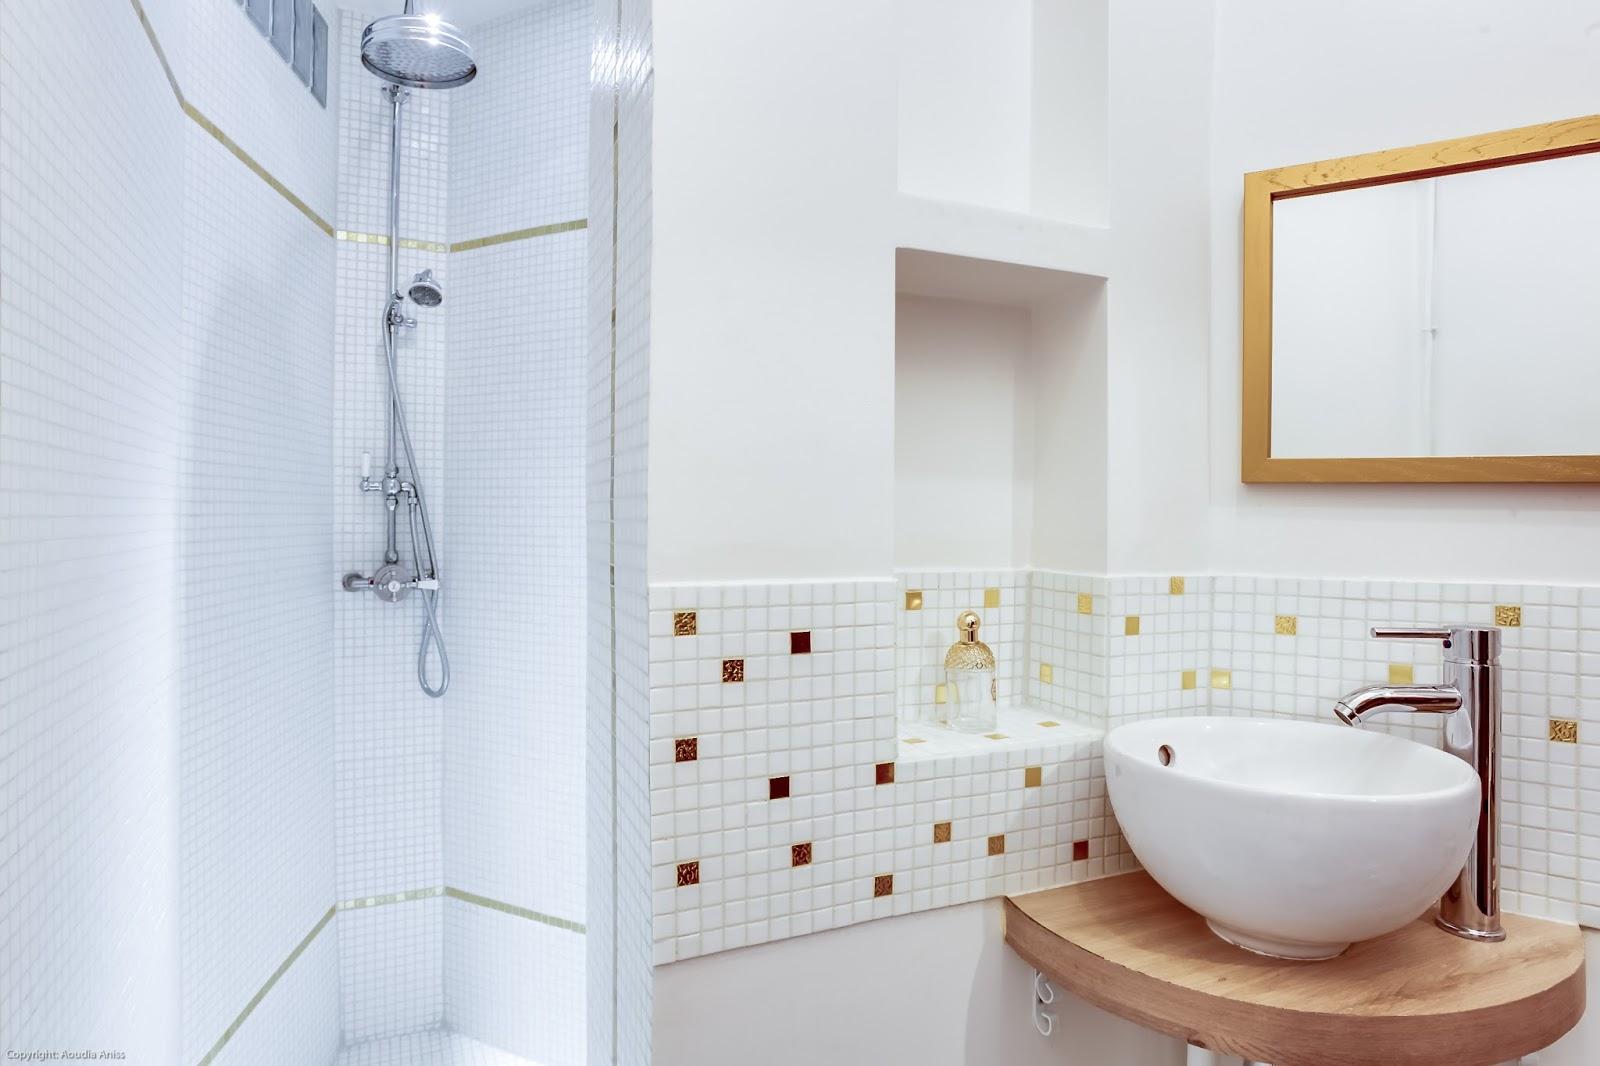 Chambre jumeaux garcon et fille - Salle de bain garcon ...